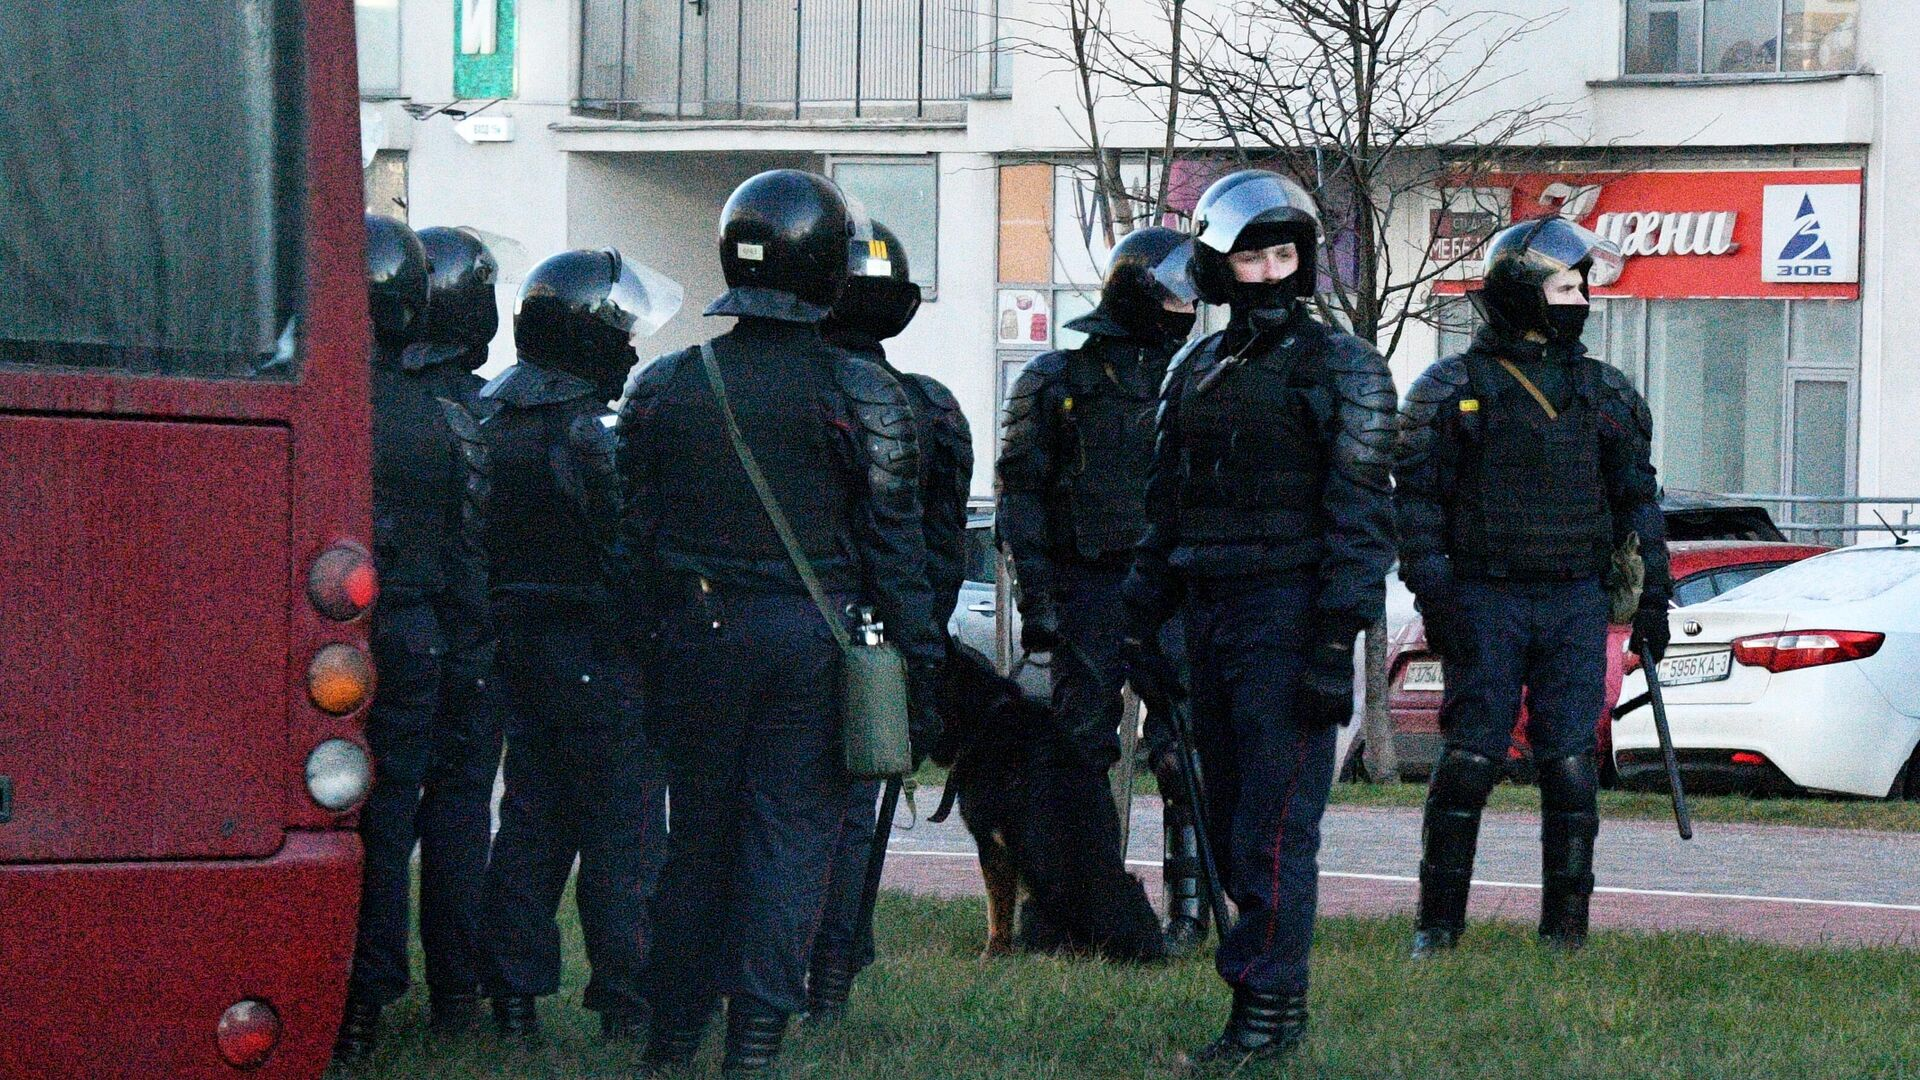 Сотрудники правоохранительных органов во время несанкционированной акции протеста в Минске - РИА Новости, 1920, 28.01.2021